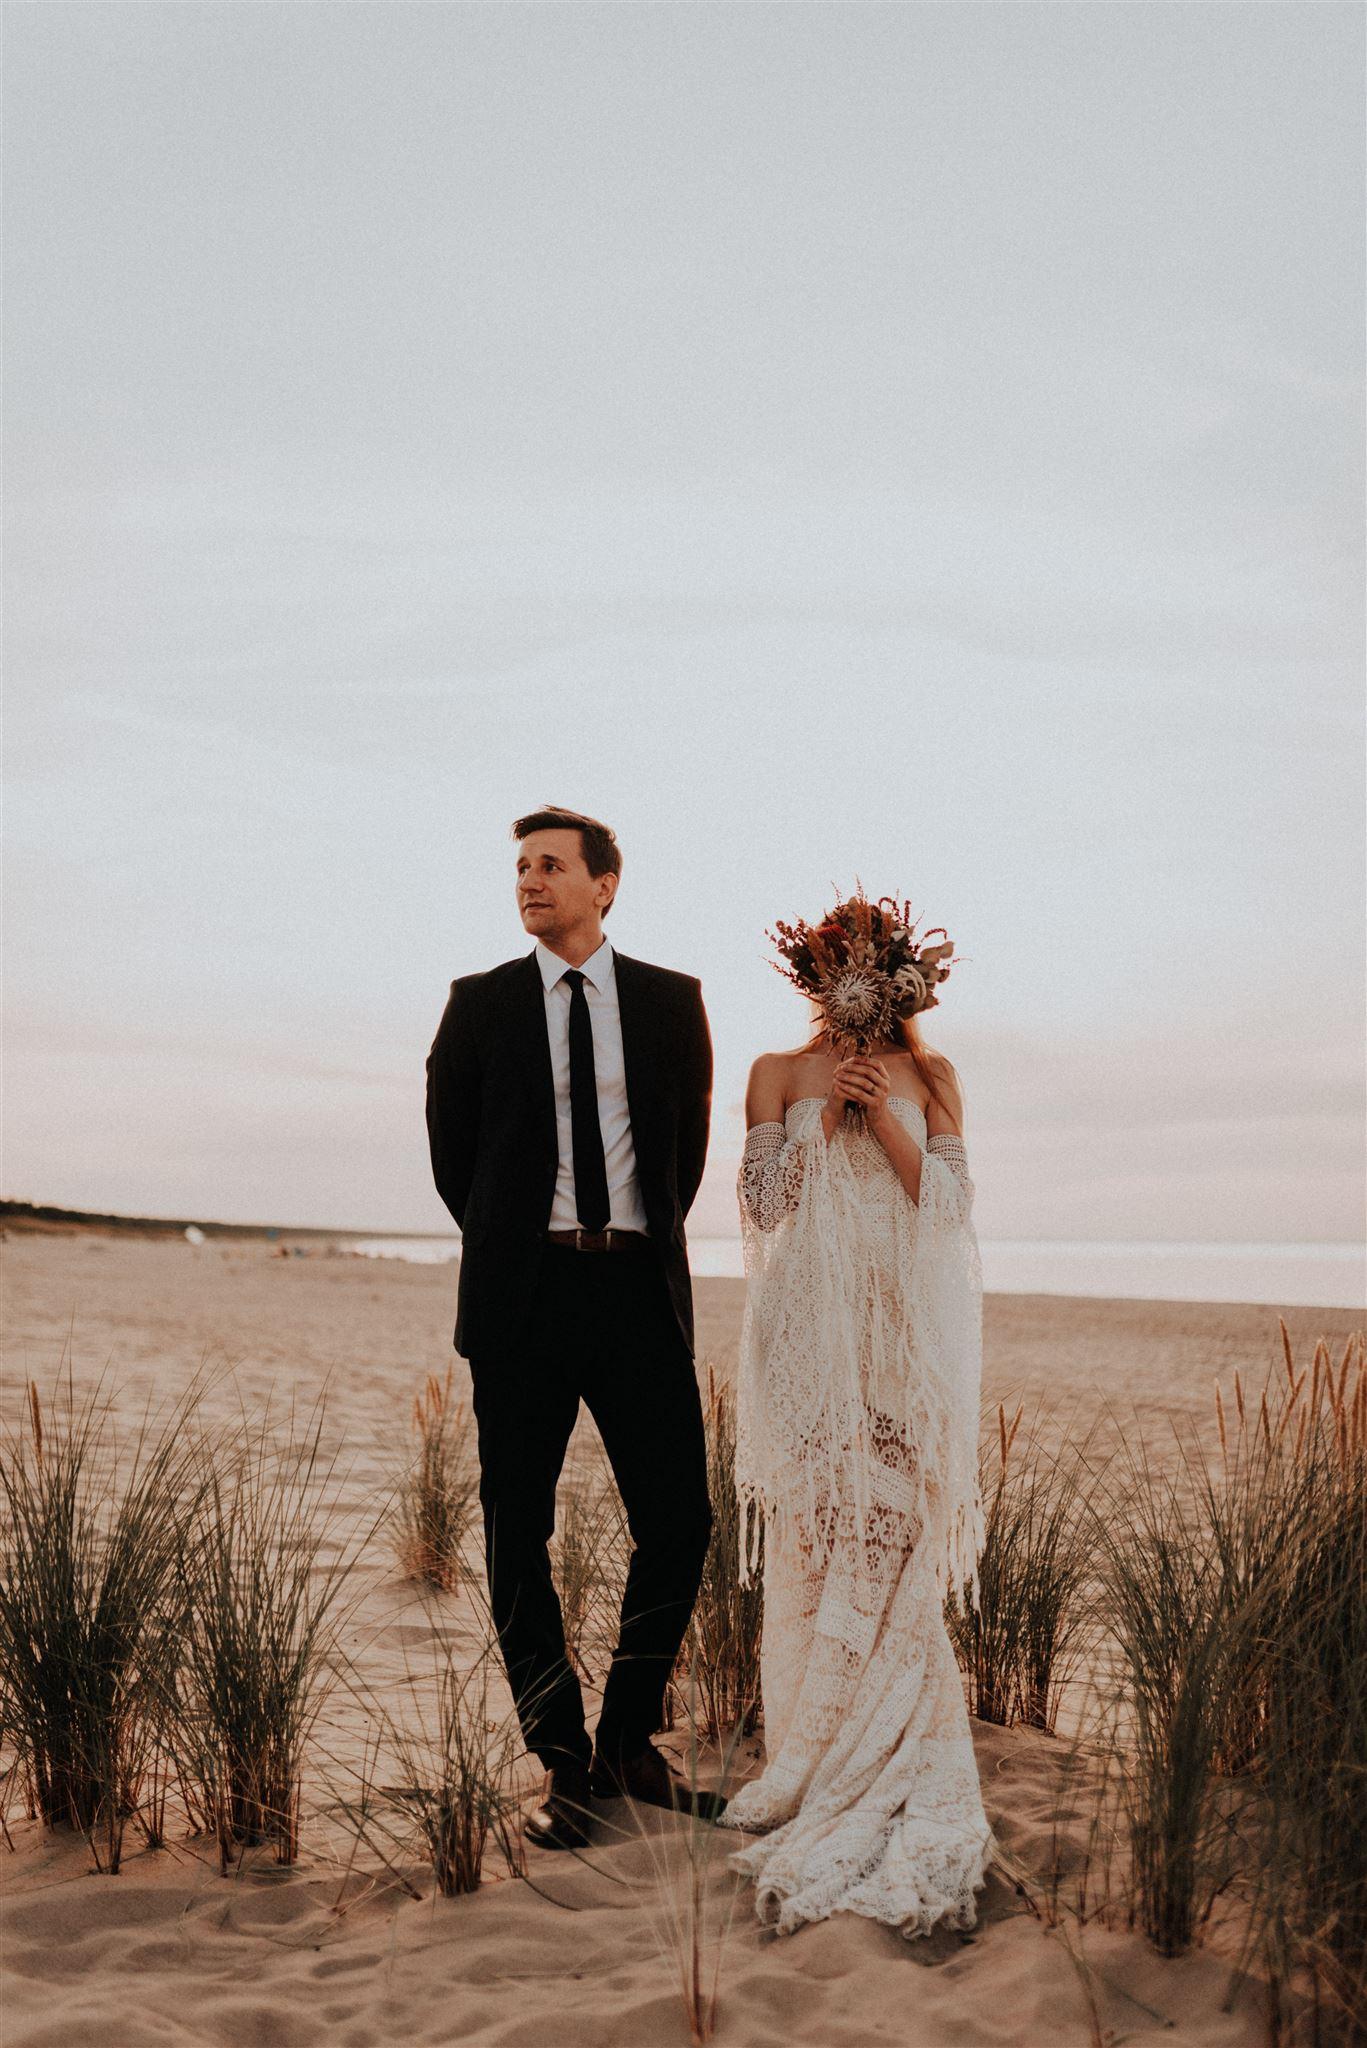 Nasza osobista sesja poślubna! 2 DSC 6290 3 websize